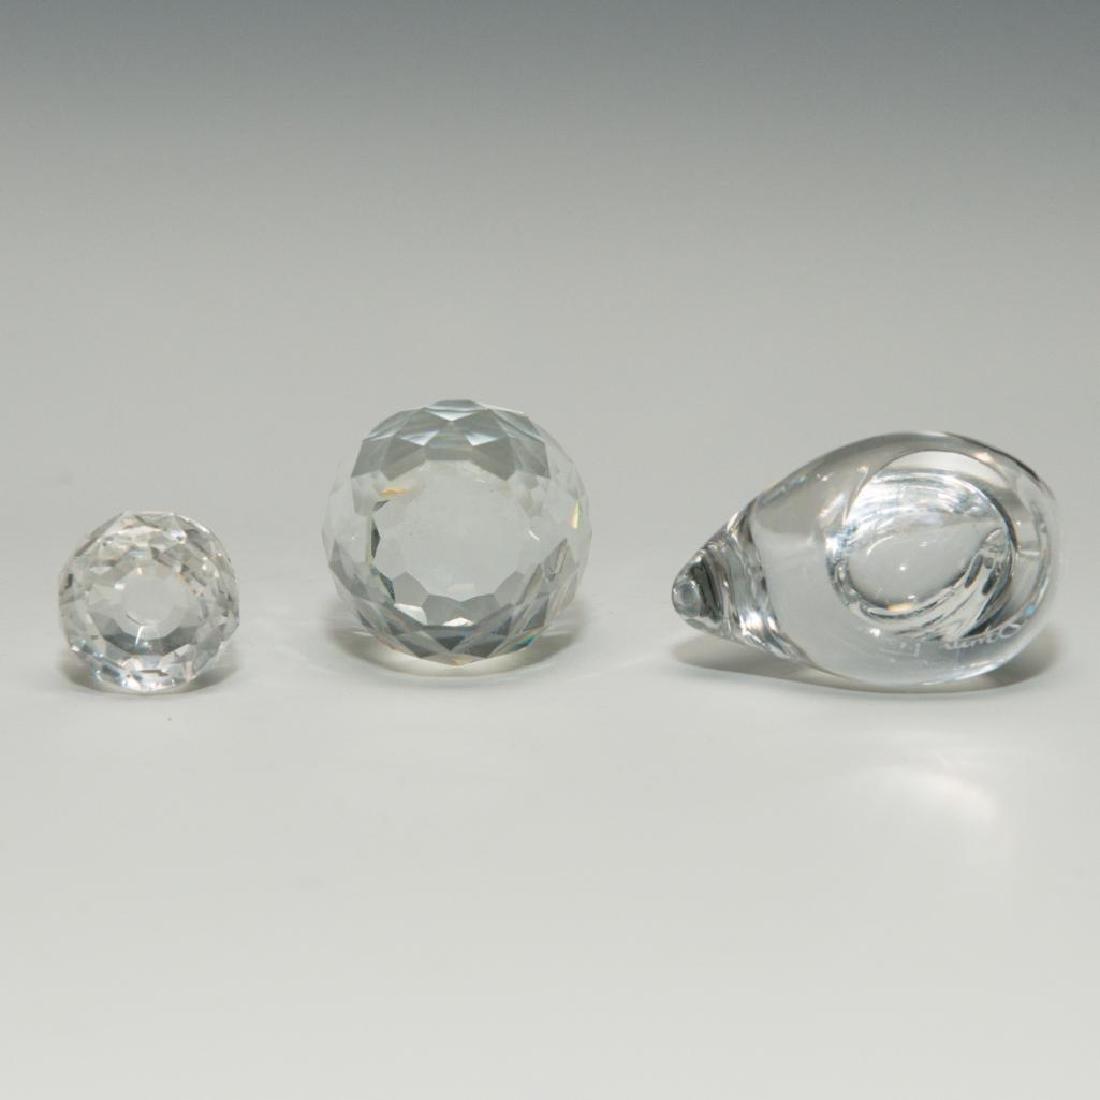 GROUP OF 3 DAUM SWAROWSKI CYRSTAL GLASS PAPERWEIGHT - 3